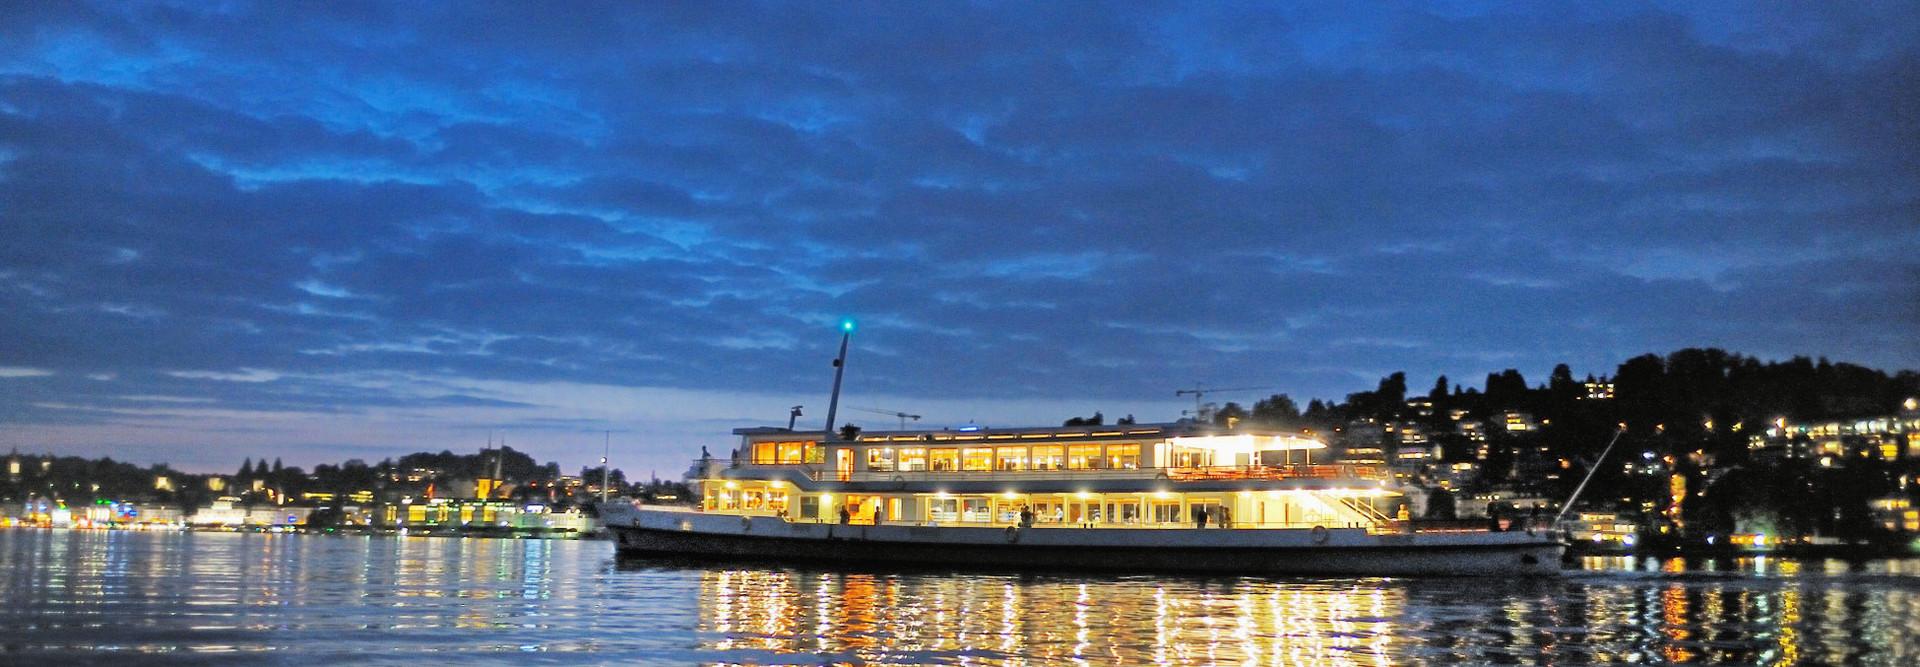 Man sieht ein Motorschiff am Abend auf dem See vor Luzern.